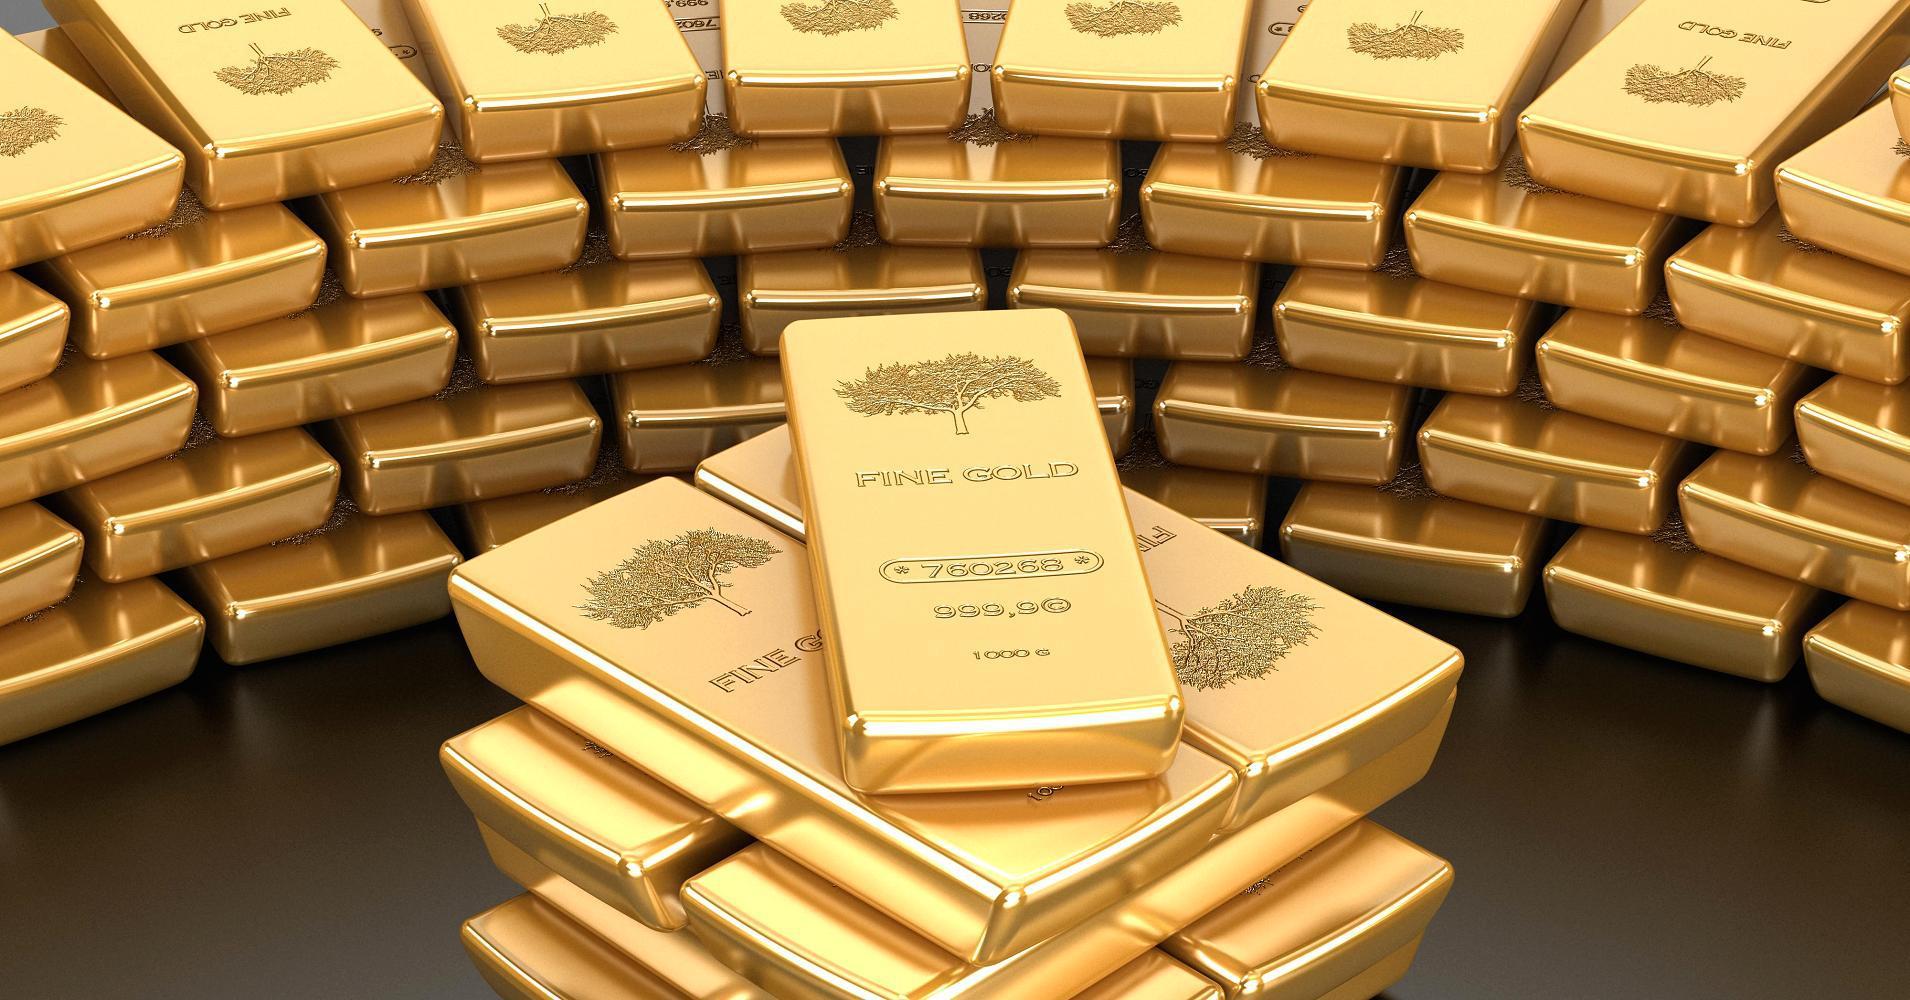 انتعاش واردات الذهب الهندية في 2017 بسبب إعادة التخزين والأمطار الموسمية